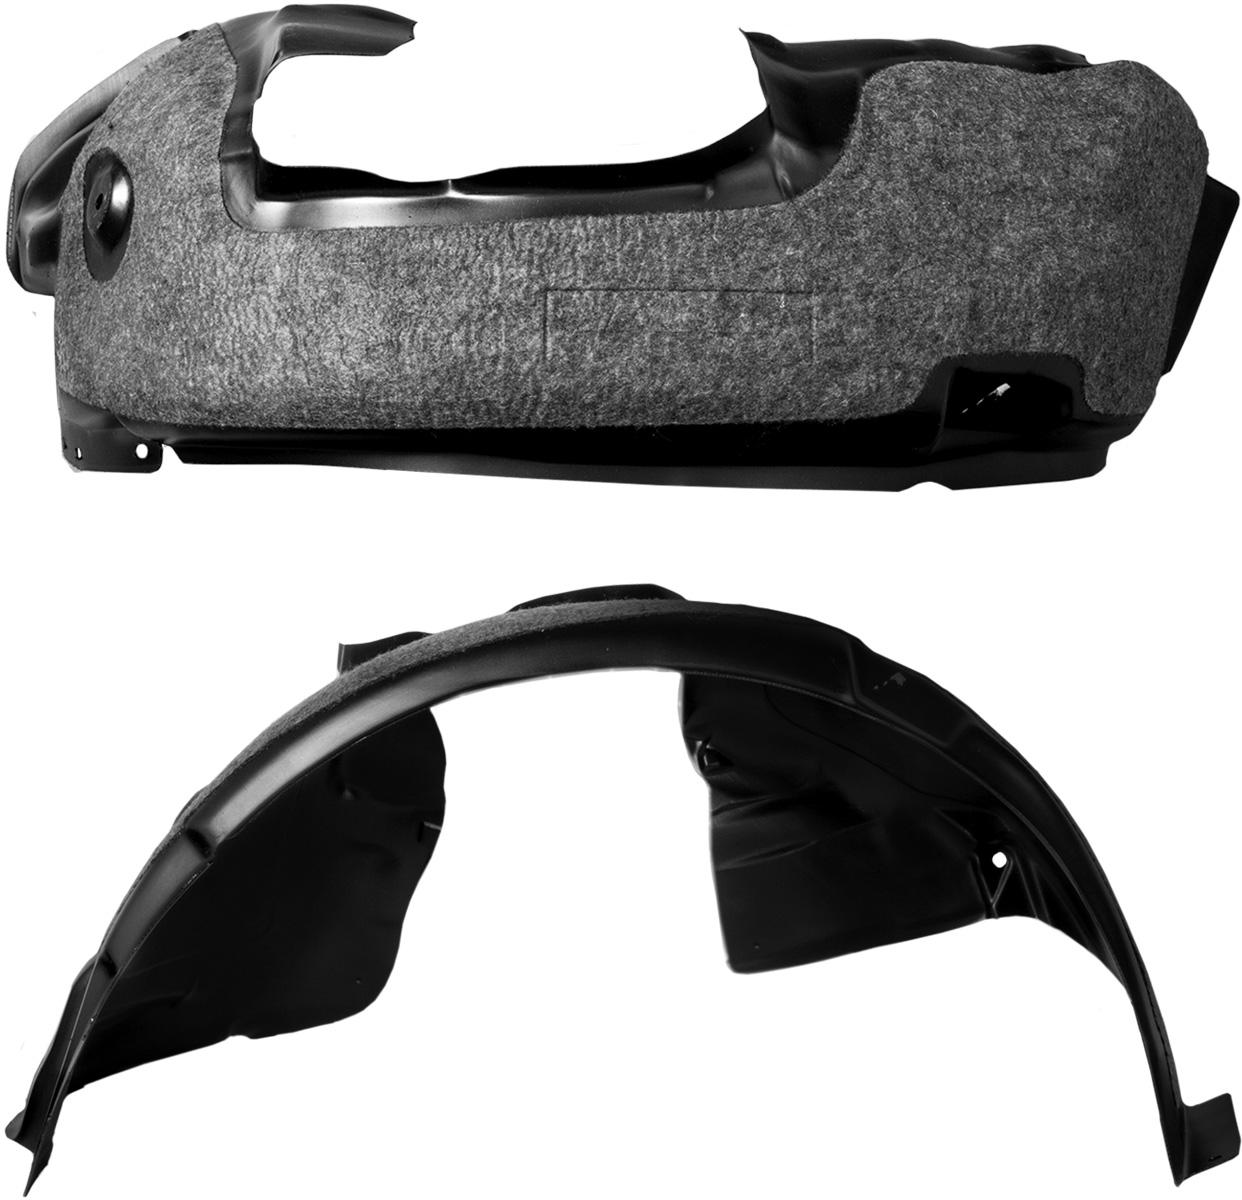 Подкрылок с шумоизоляцией Novline-Autofamily, для Peugeot Boxer, 08/2014 ->, без расширителей арок (передний левый)NLS.38.20.001Подкрылок с шумоизоляцией - революционный продукт, совмещающий в себе все достоинства обычного подкрылка, и в то же время являющийся одним из наиболее эффективных средств борьбы с внешним шумом в салоне автомобиля. Подкрылки бренда Novline-Autofamily разрабатываются индивидуально для каждого автомобиля с использованием метода 3D-сканирования.В качестве шумоизолирующего слоя применяется легкое синтетическое нетканое полотно толщиной 10 мм, которое отталкивает влагу, сохраняет свои шумоизоляционные свойства на протяжении всего периода эксплуатации.Подкрылки с шумоизоляцией не имеют эксплуатационных ограничений и устанавливаются один раз на весь срок службы автомобиля.Подкрылки с шумоизоляцией не имеют аналогов и являются российским изобретением, получившим признание во всём мире. Уважаемые клиенты! Обращаем ваше внимание, фото может не полностью соответствовать оригиналу.